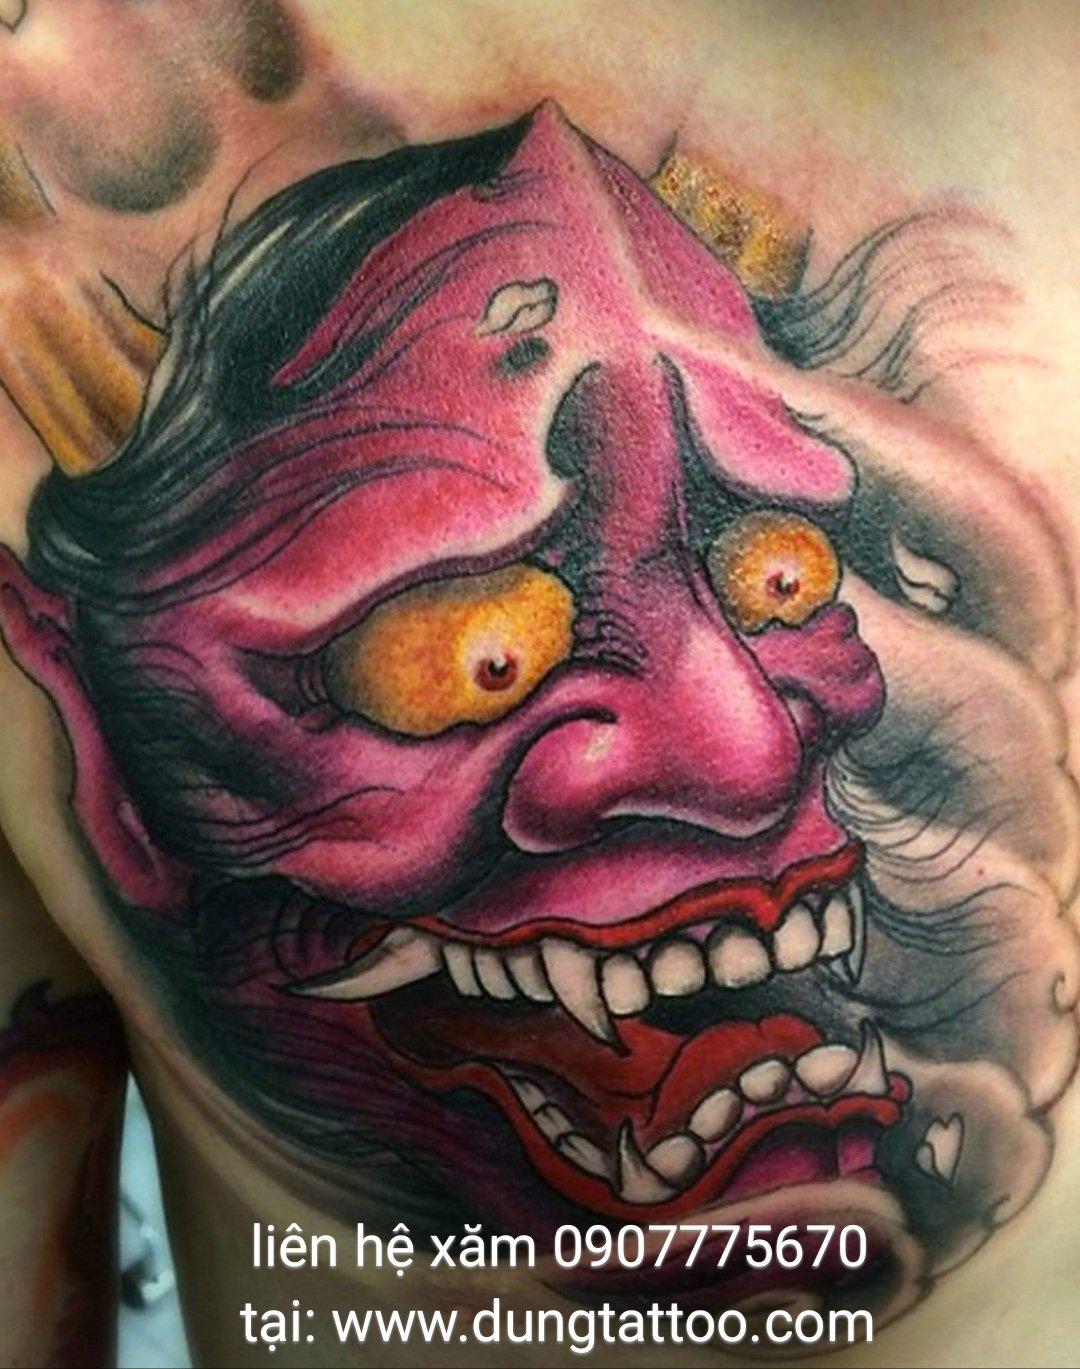 Hình xăm mặt quỷ đẹp trên ngực thực hiện dũng tatoo hcm 0907775670